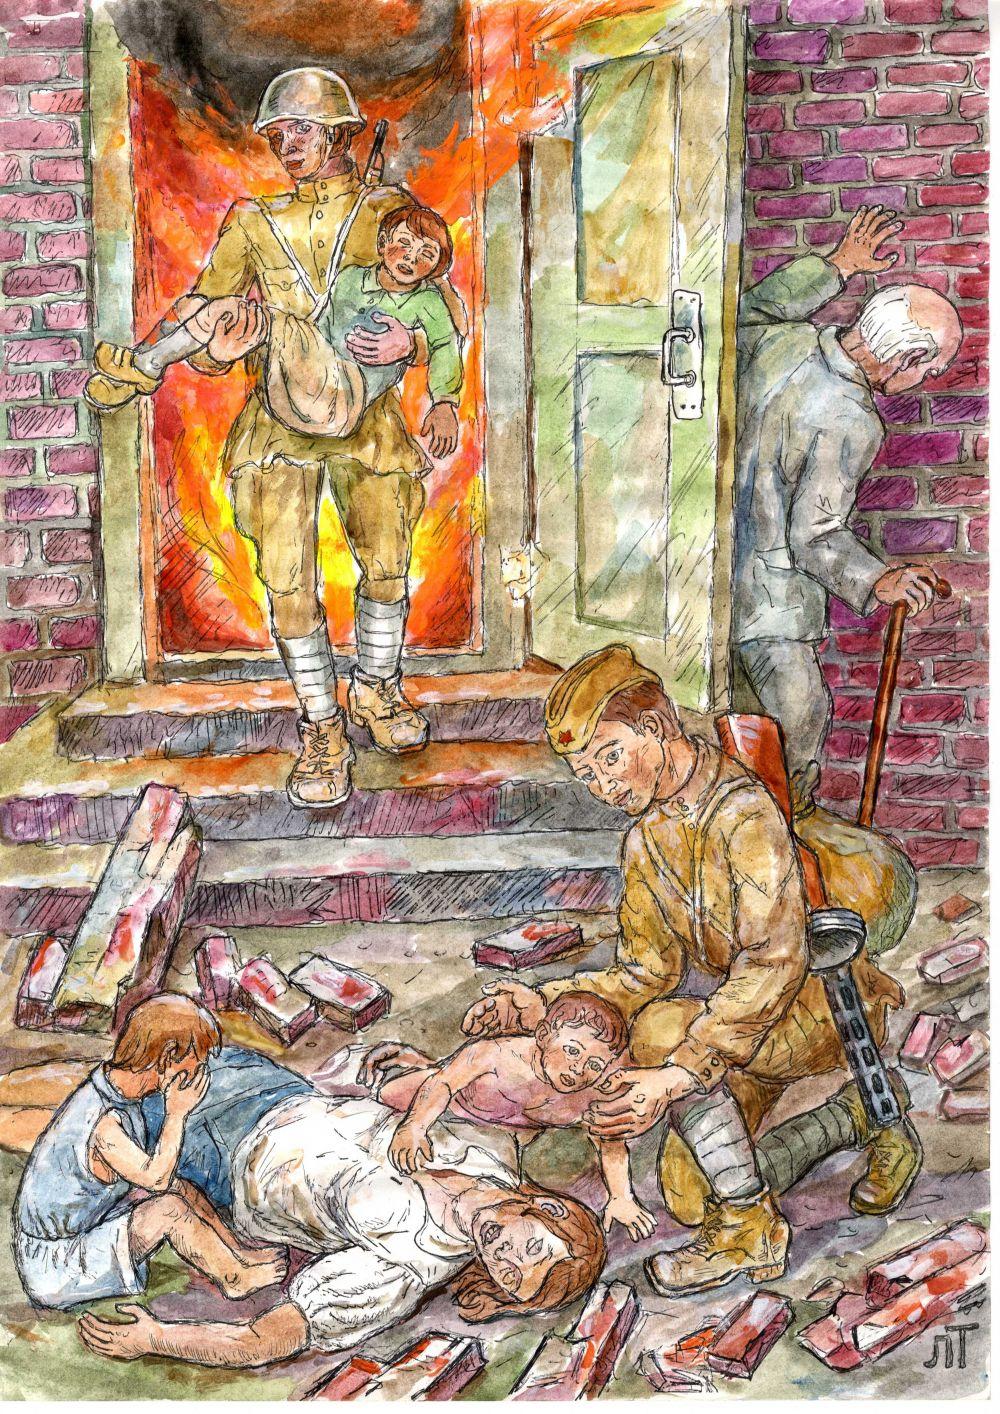 Роль пожарных и спасателей выпала на долю солдат.